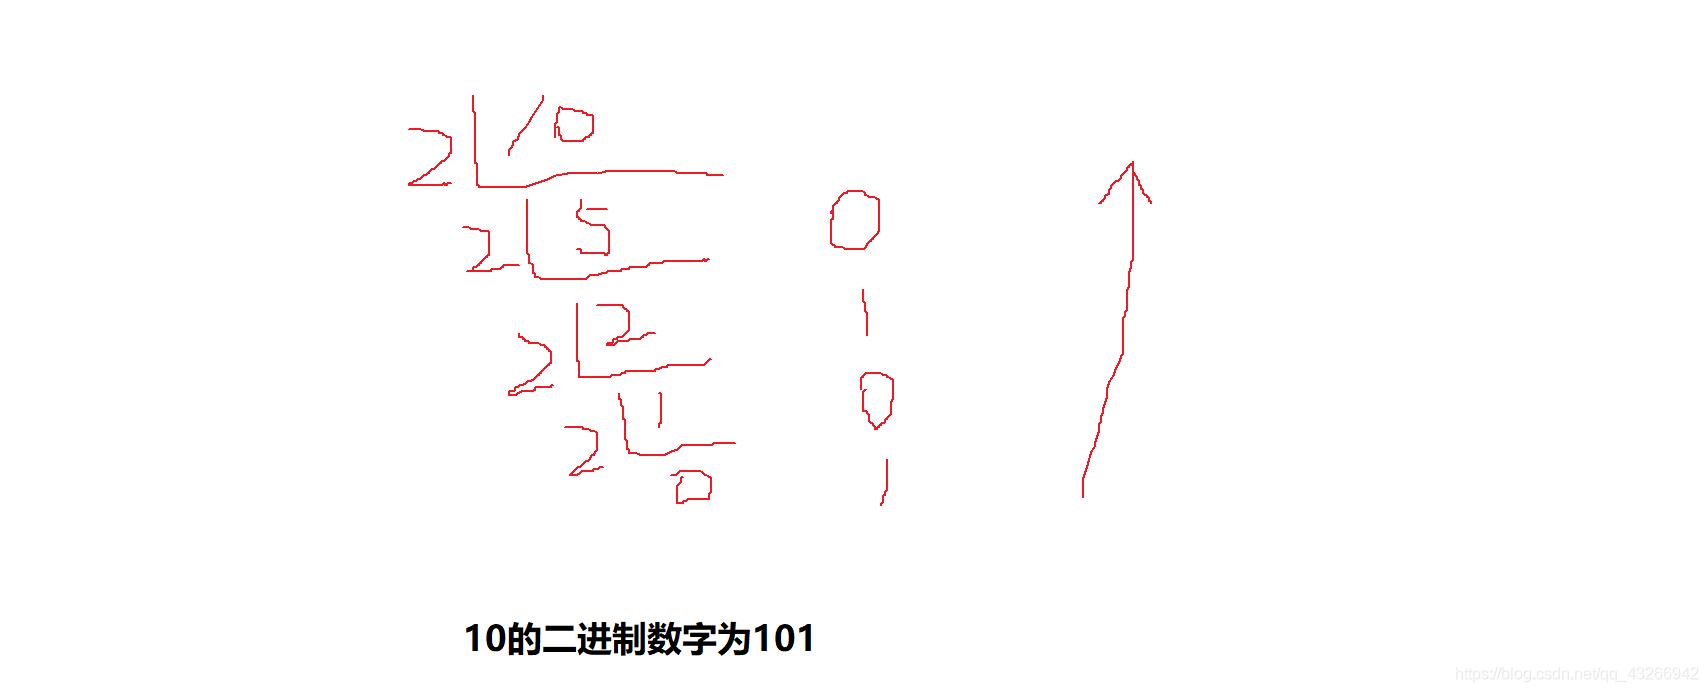 二进制算法图解